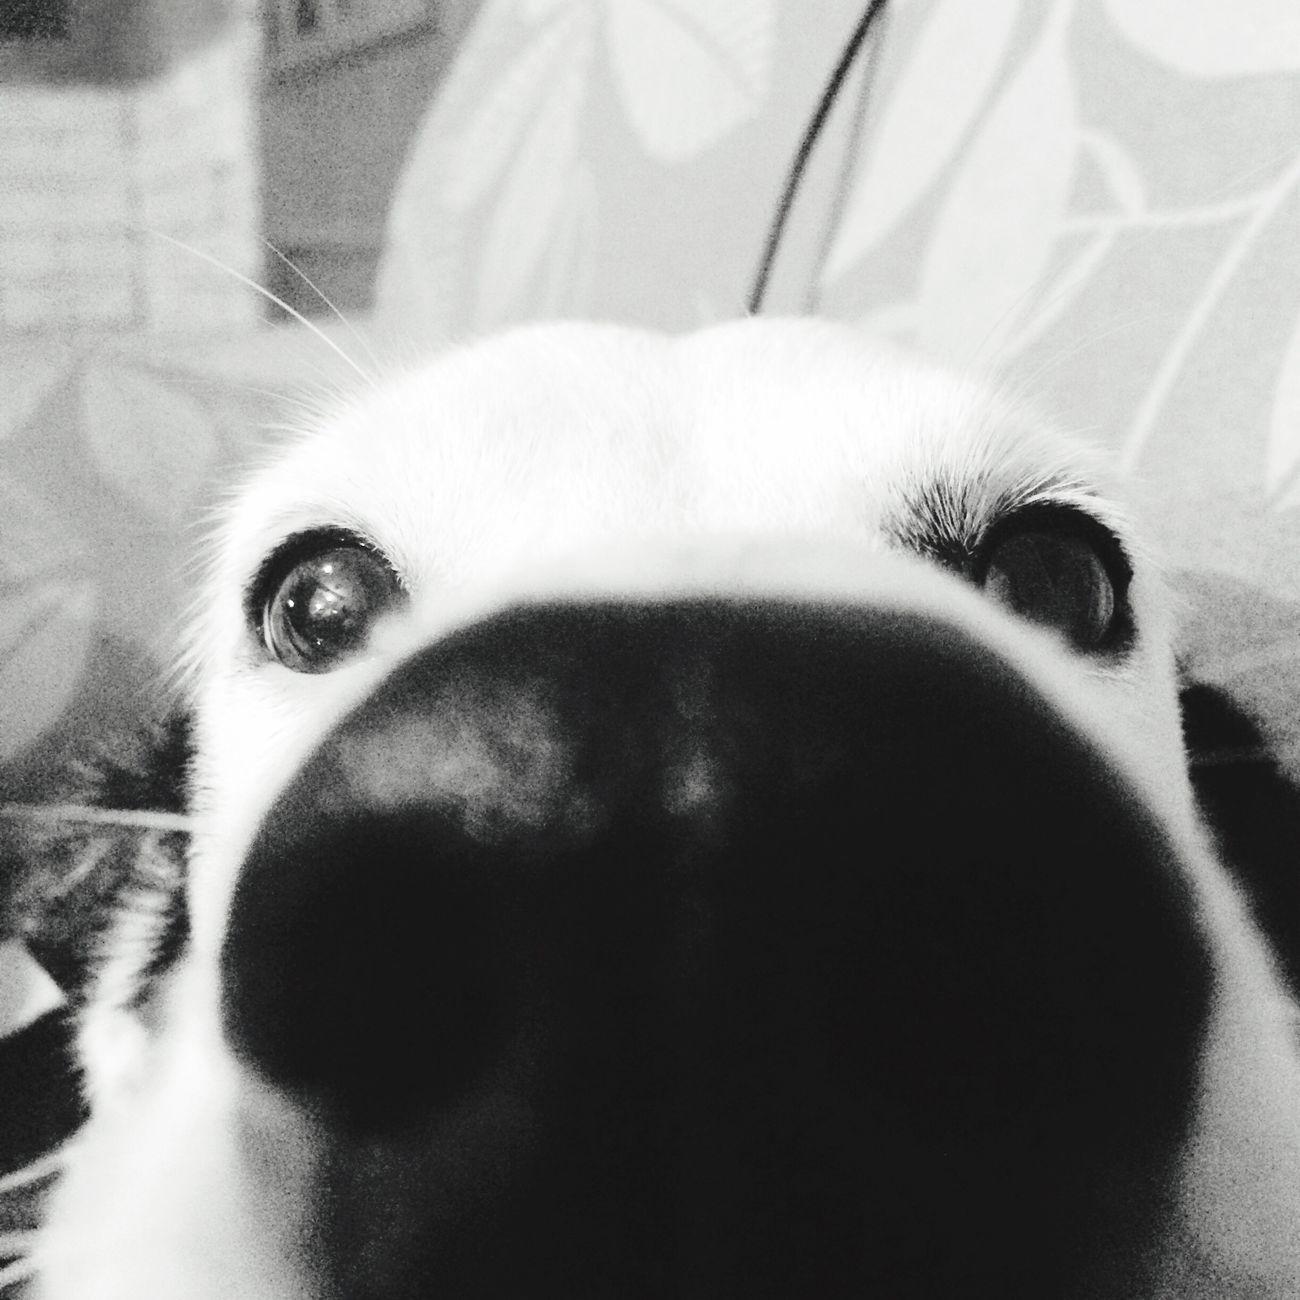 Dog Dog Nouse Animals